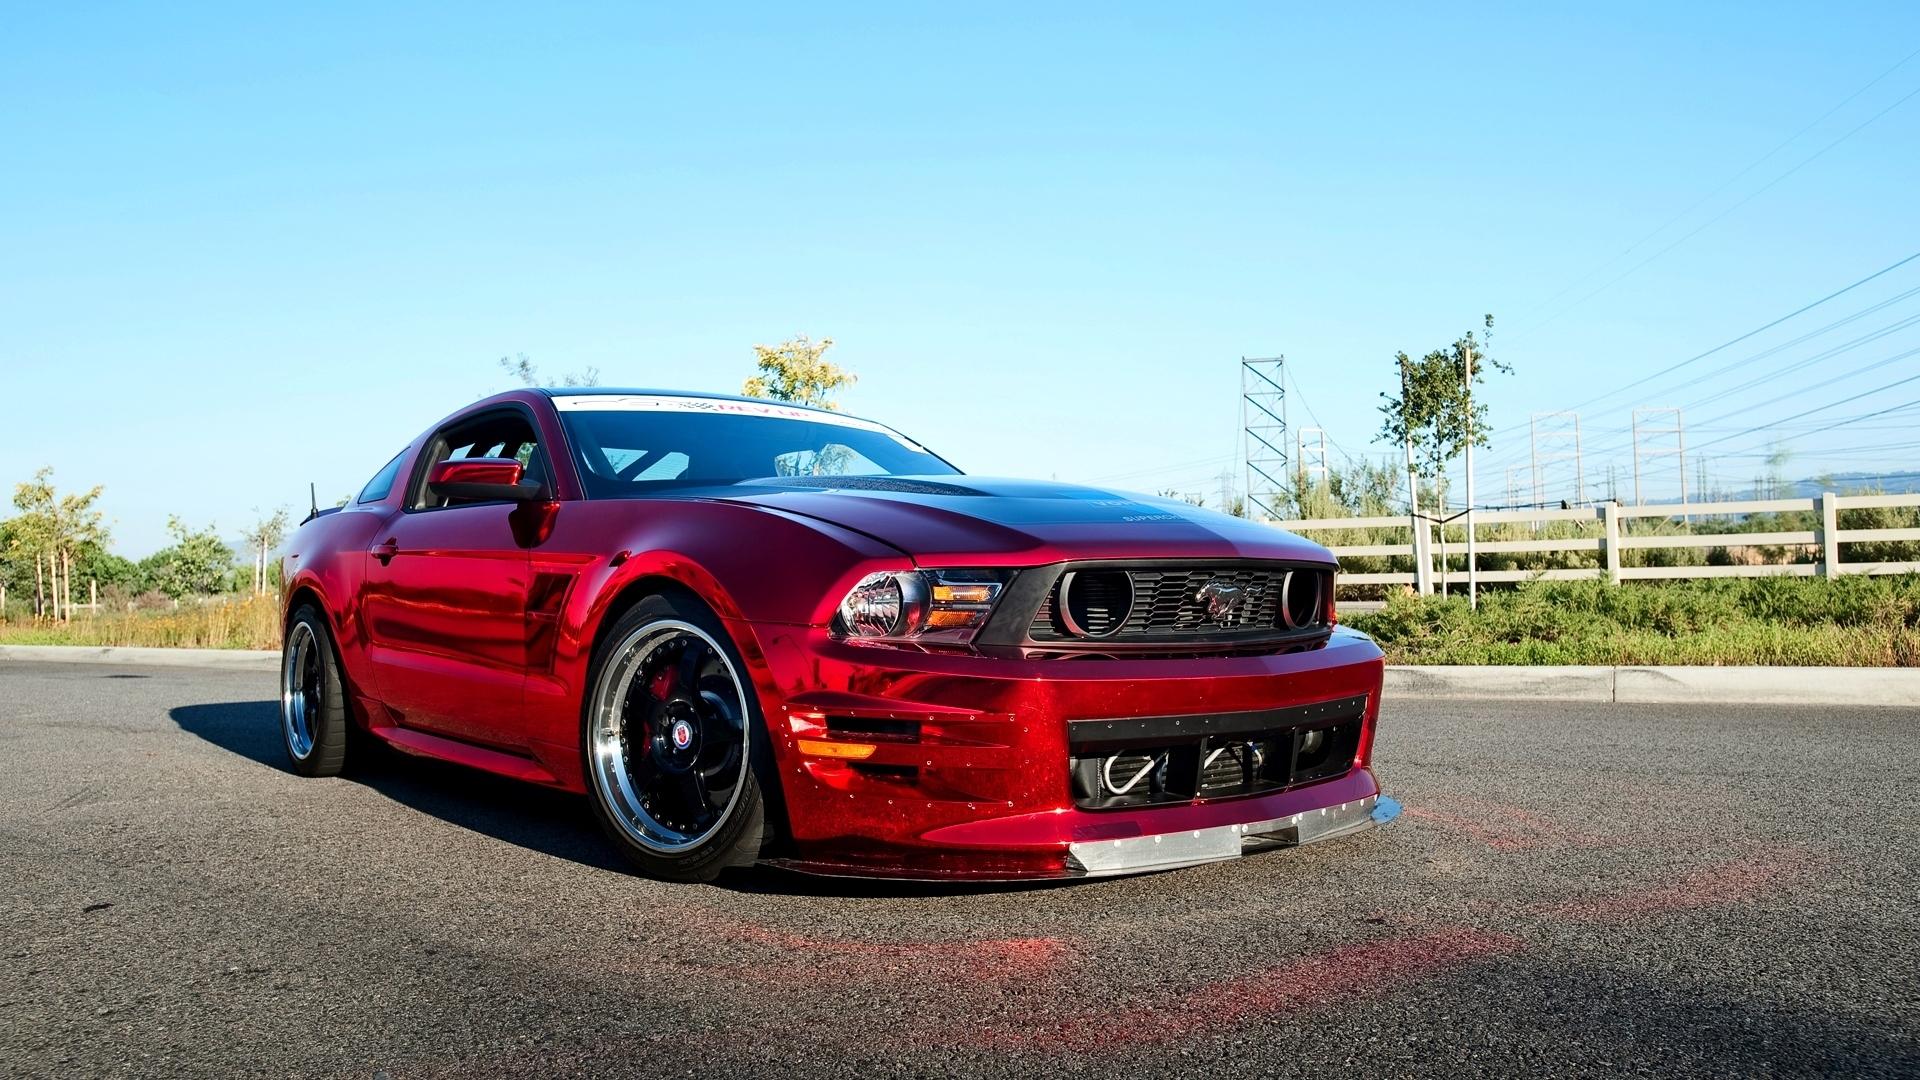 Iphone 6 Plus Muscle Car Wallpaper Ford Mustang Full Hd Fondo De Pantalla And Fondo De